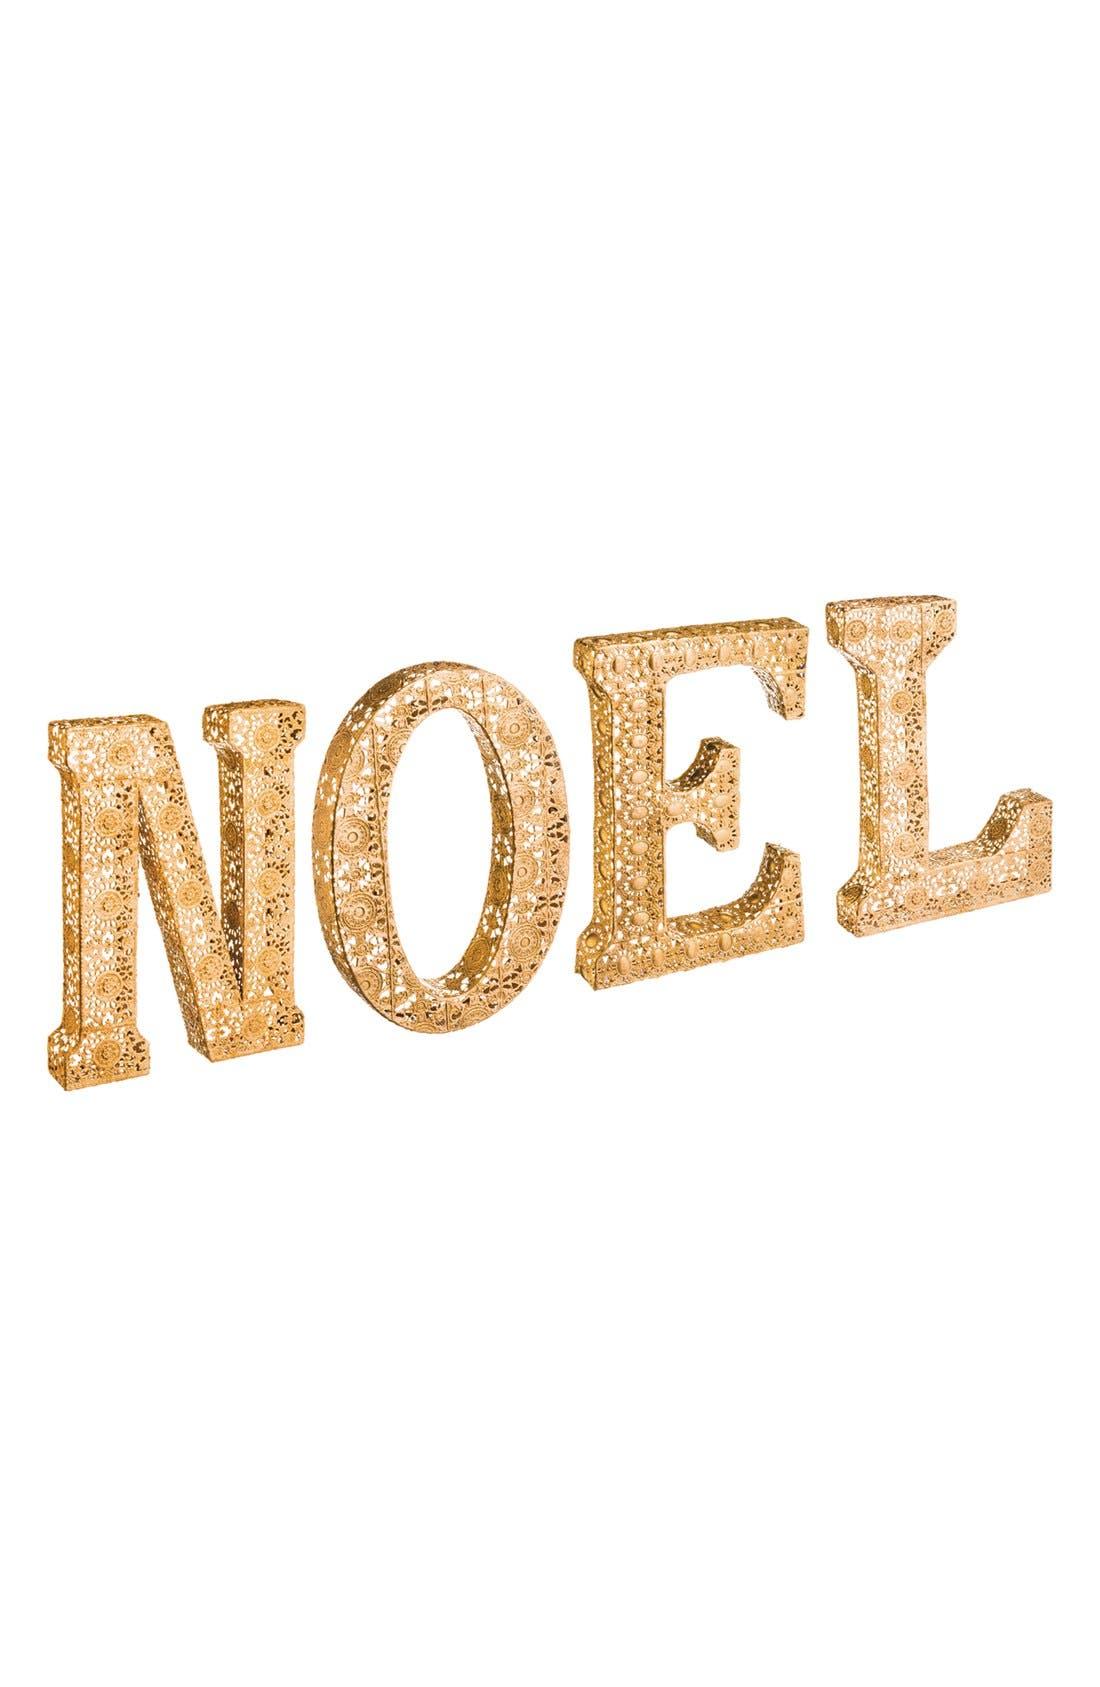 Alternate Image 1 Selected - ALLSTATE 'Noel' Wall Art